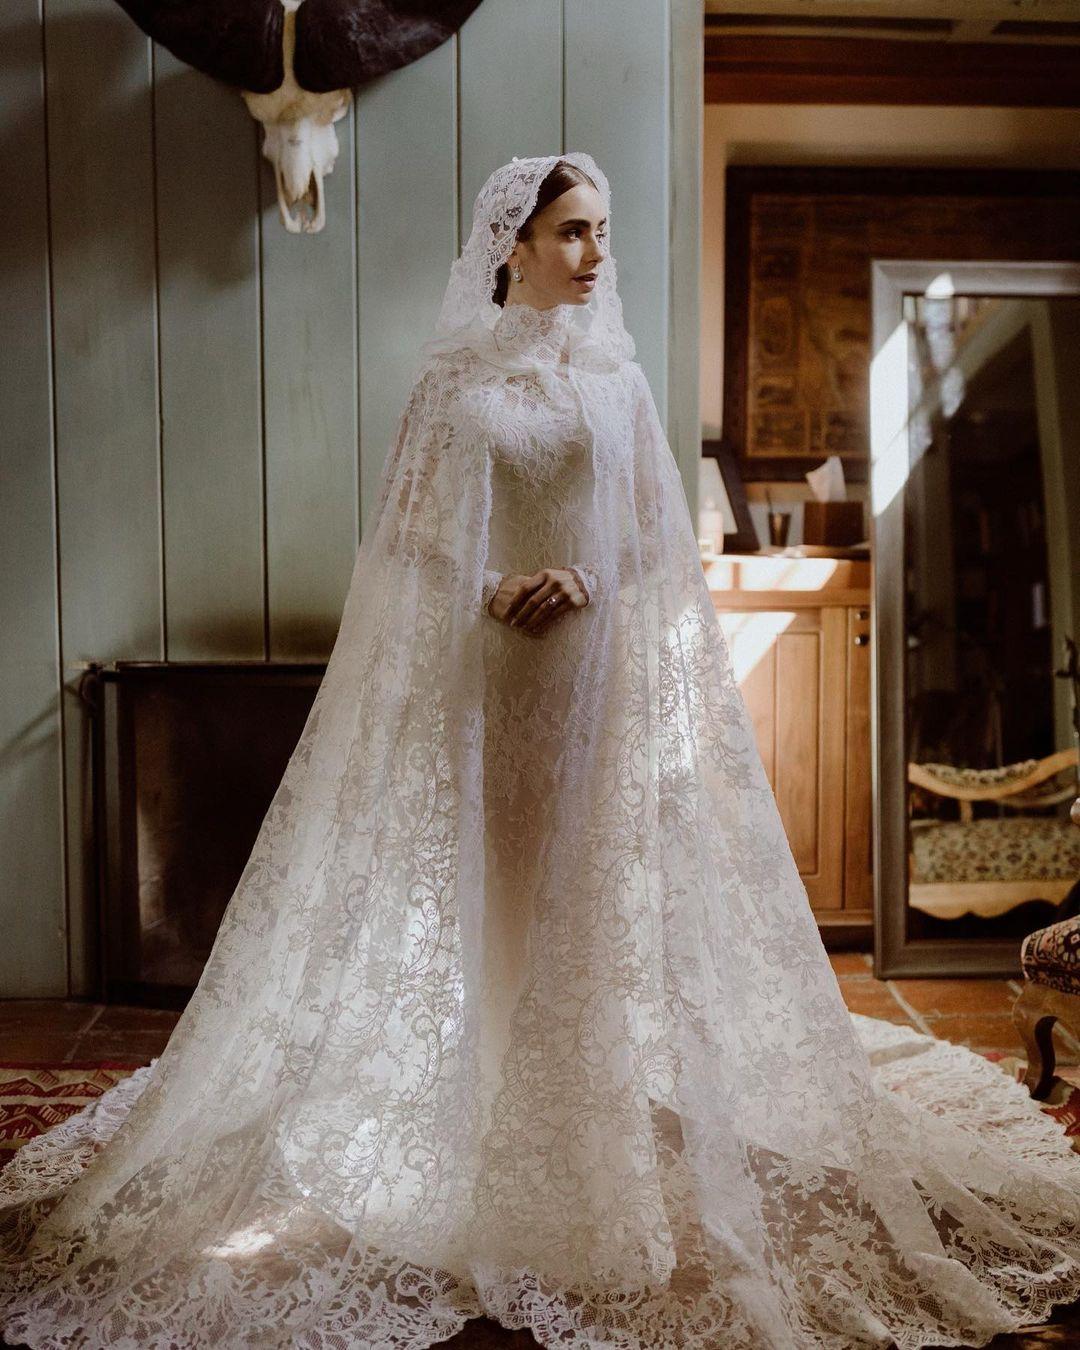 Gaya Artis yang Pakai Gaun Putih saat Menikah, Elegan hingga Seksi